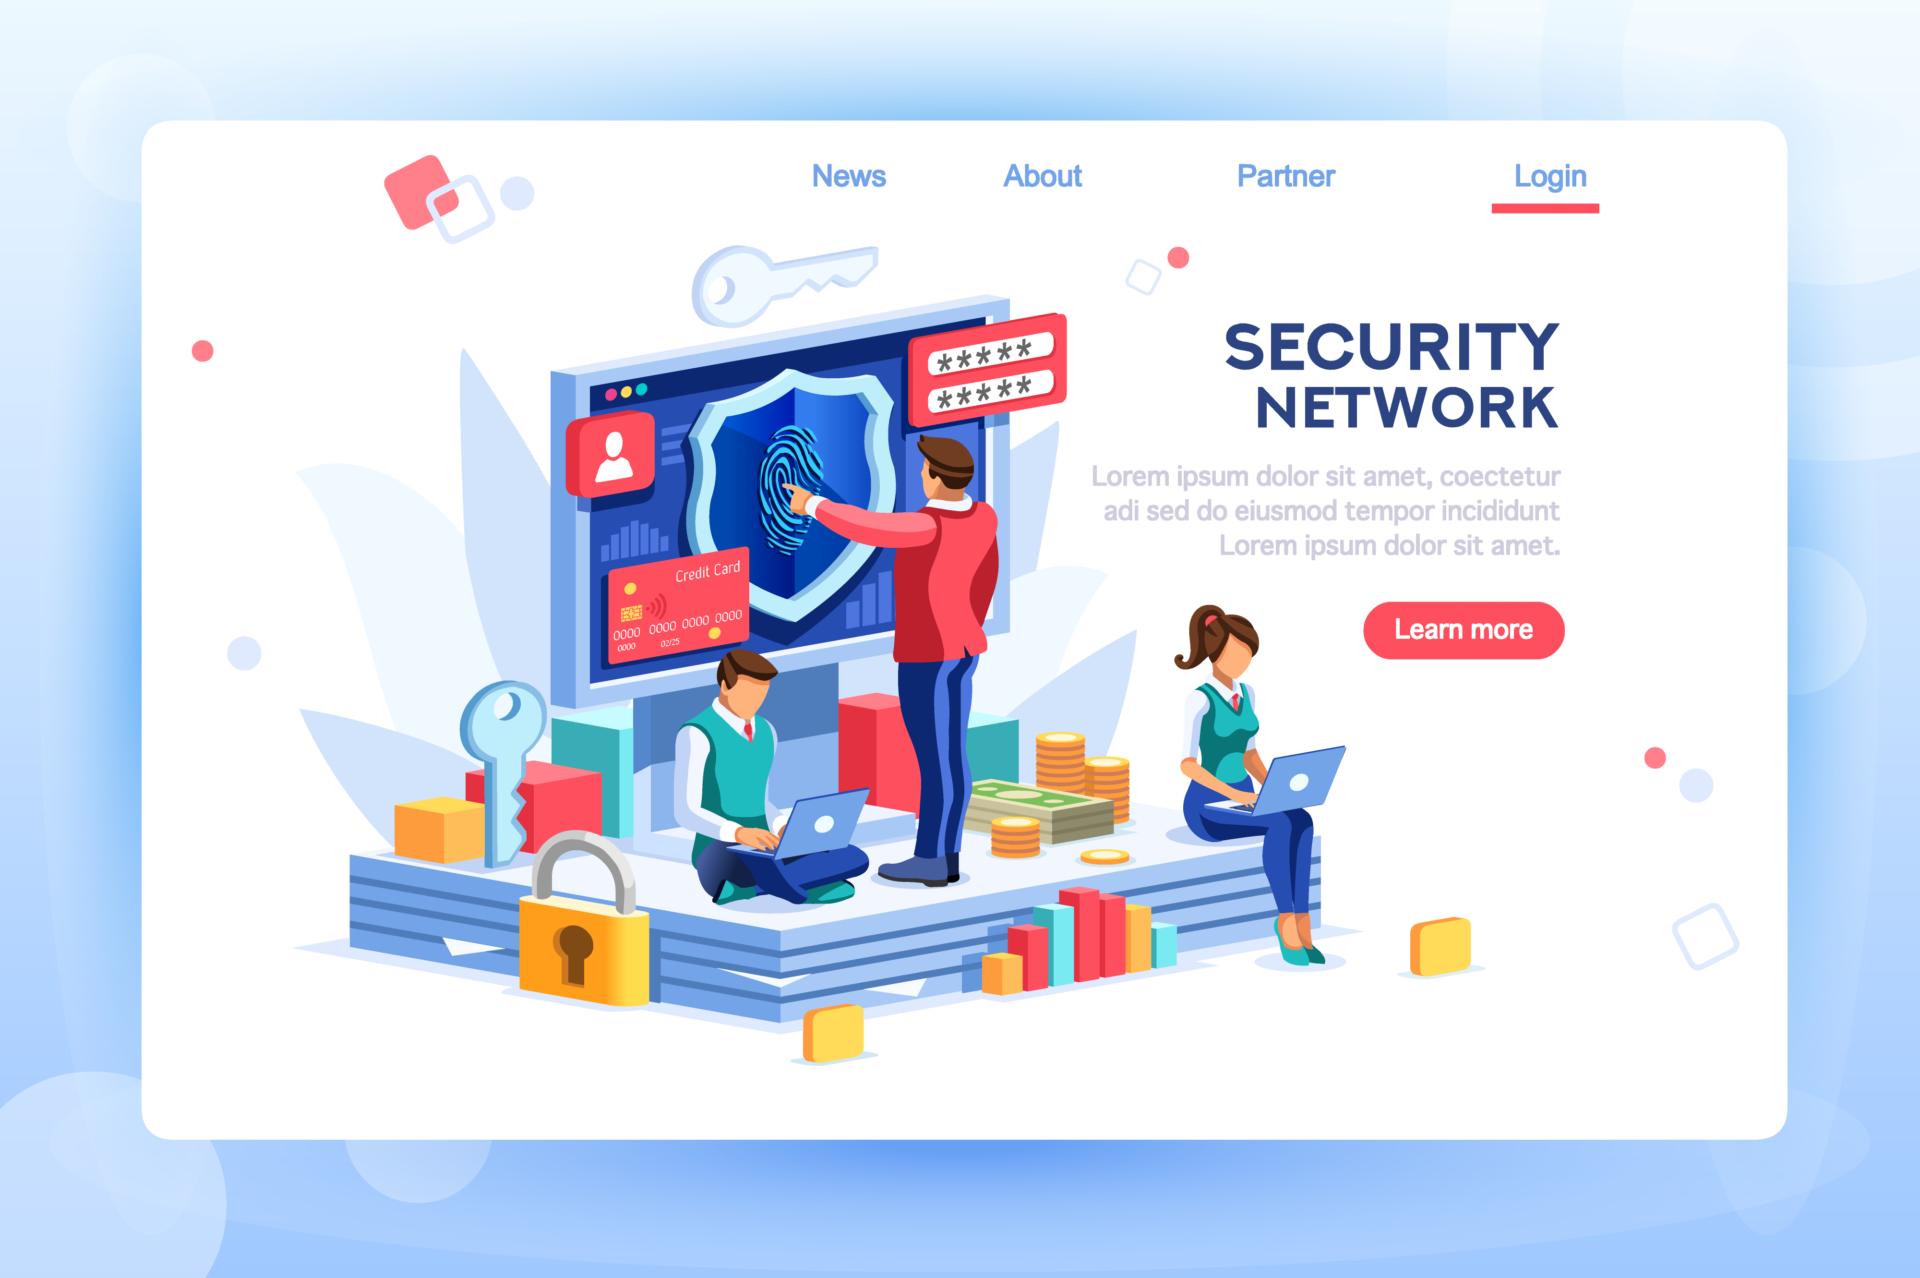 ネットワークセキュリティイメージ